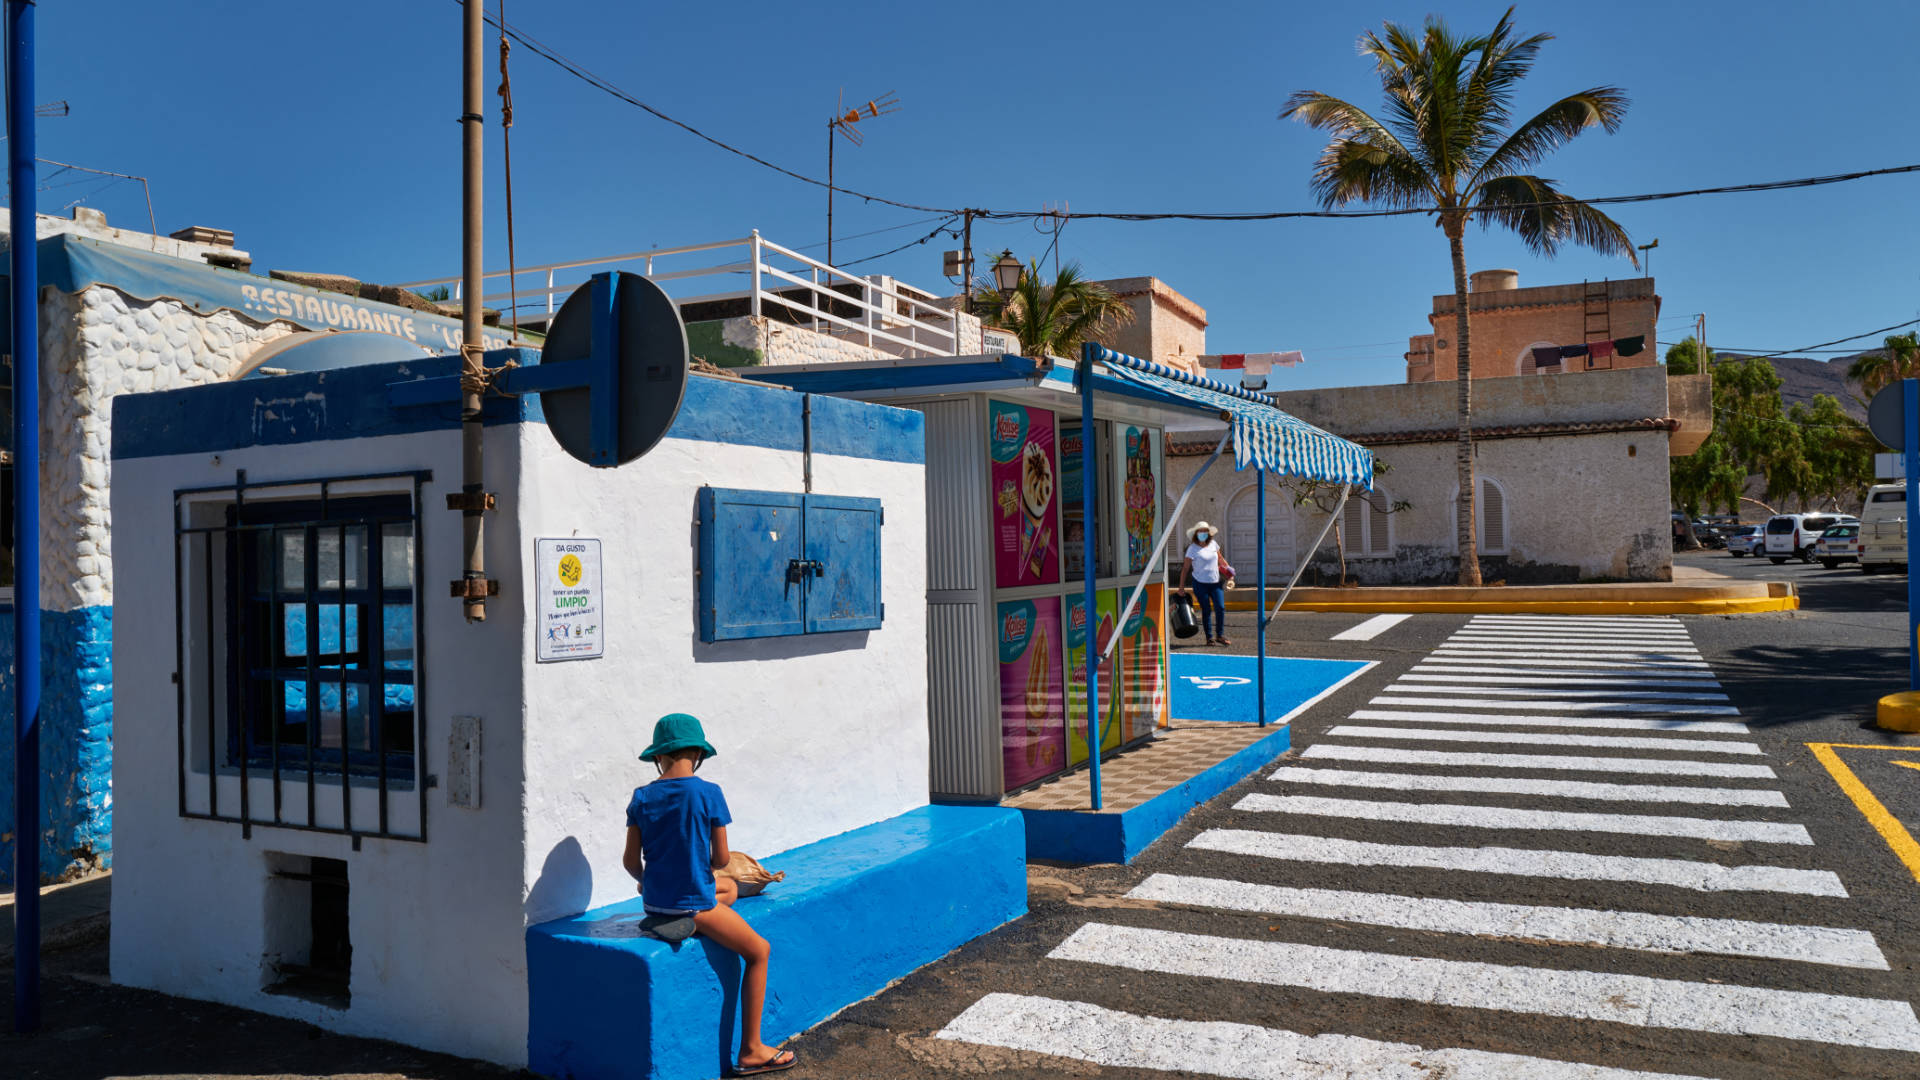 Der Ort Las Playitas auf Fuerteventura.